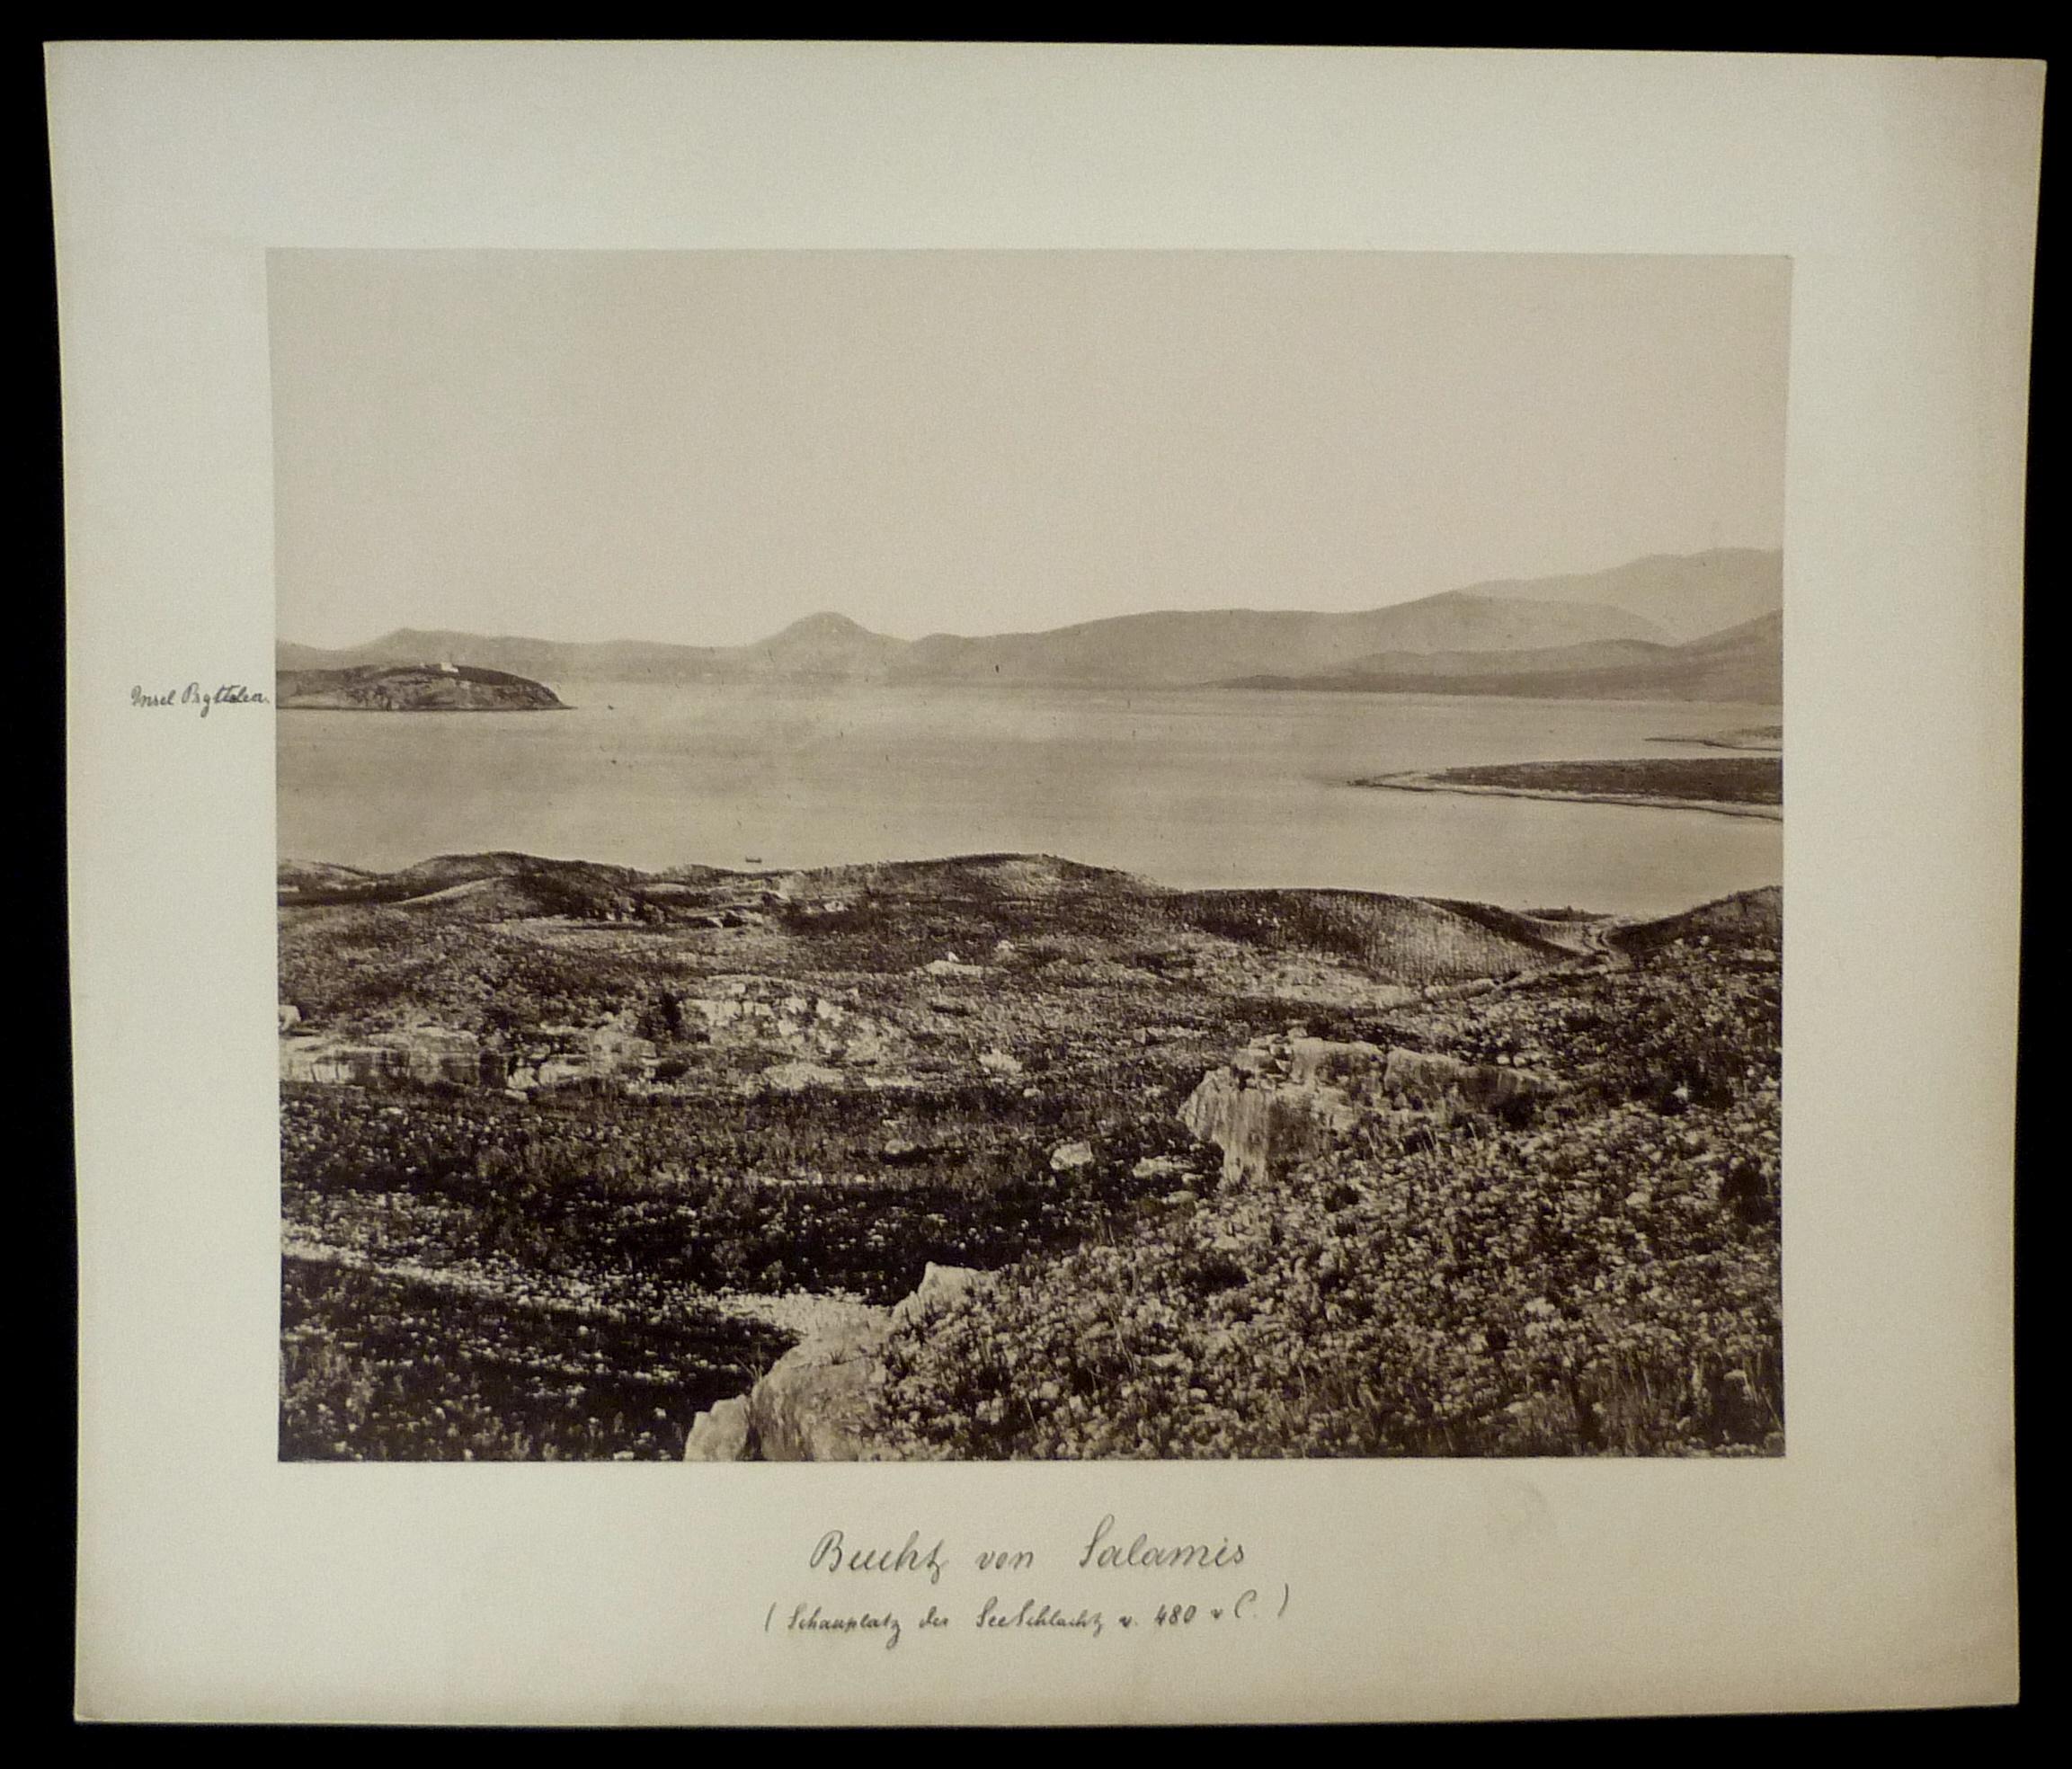 Hs. beschriftet: Bucht von Salamis (Schauplatz der: Originalfotografien - Griechenland.